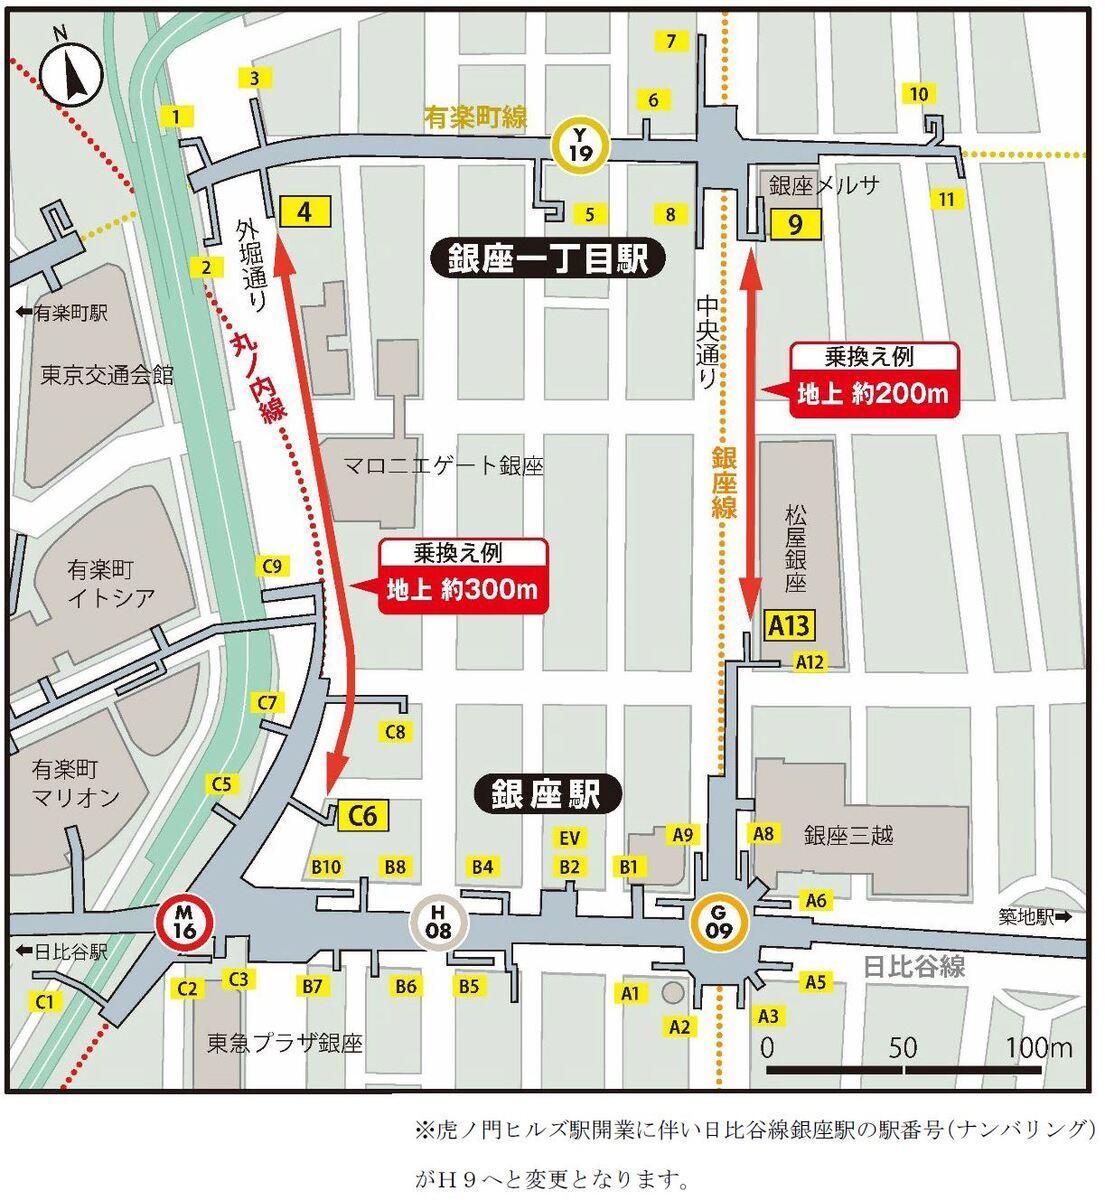 2020年PV1位に輝いた東京メトロの乗り換えに関する地上ルート図